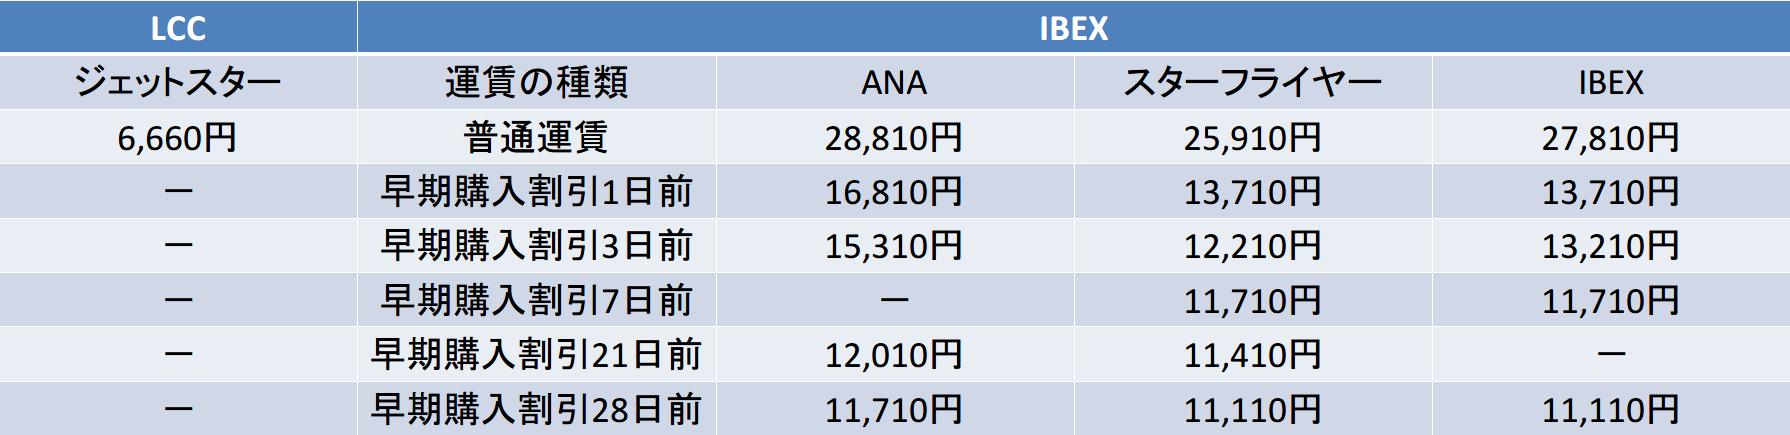 中部国際-福岡 ジェットスター ANA スターフライヤー IBEX 料金比較